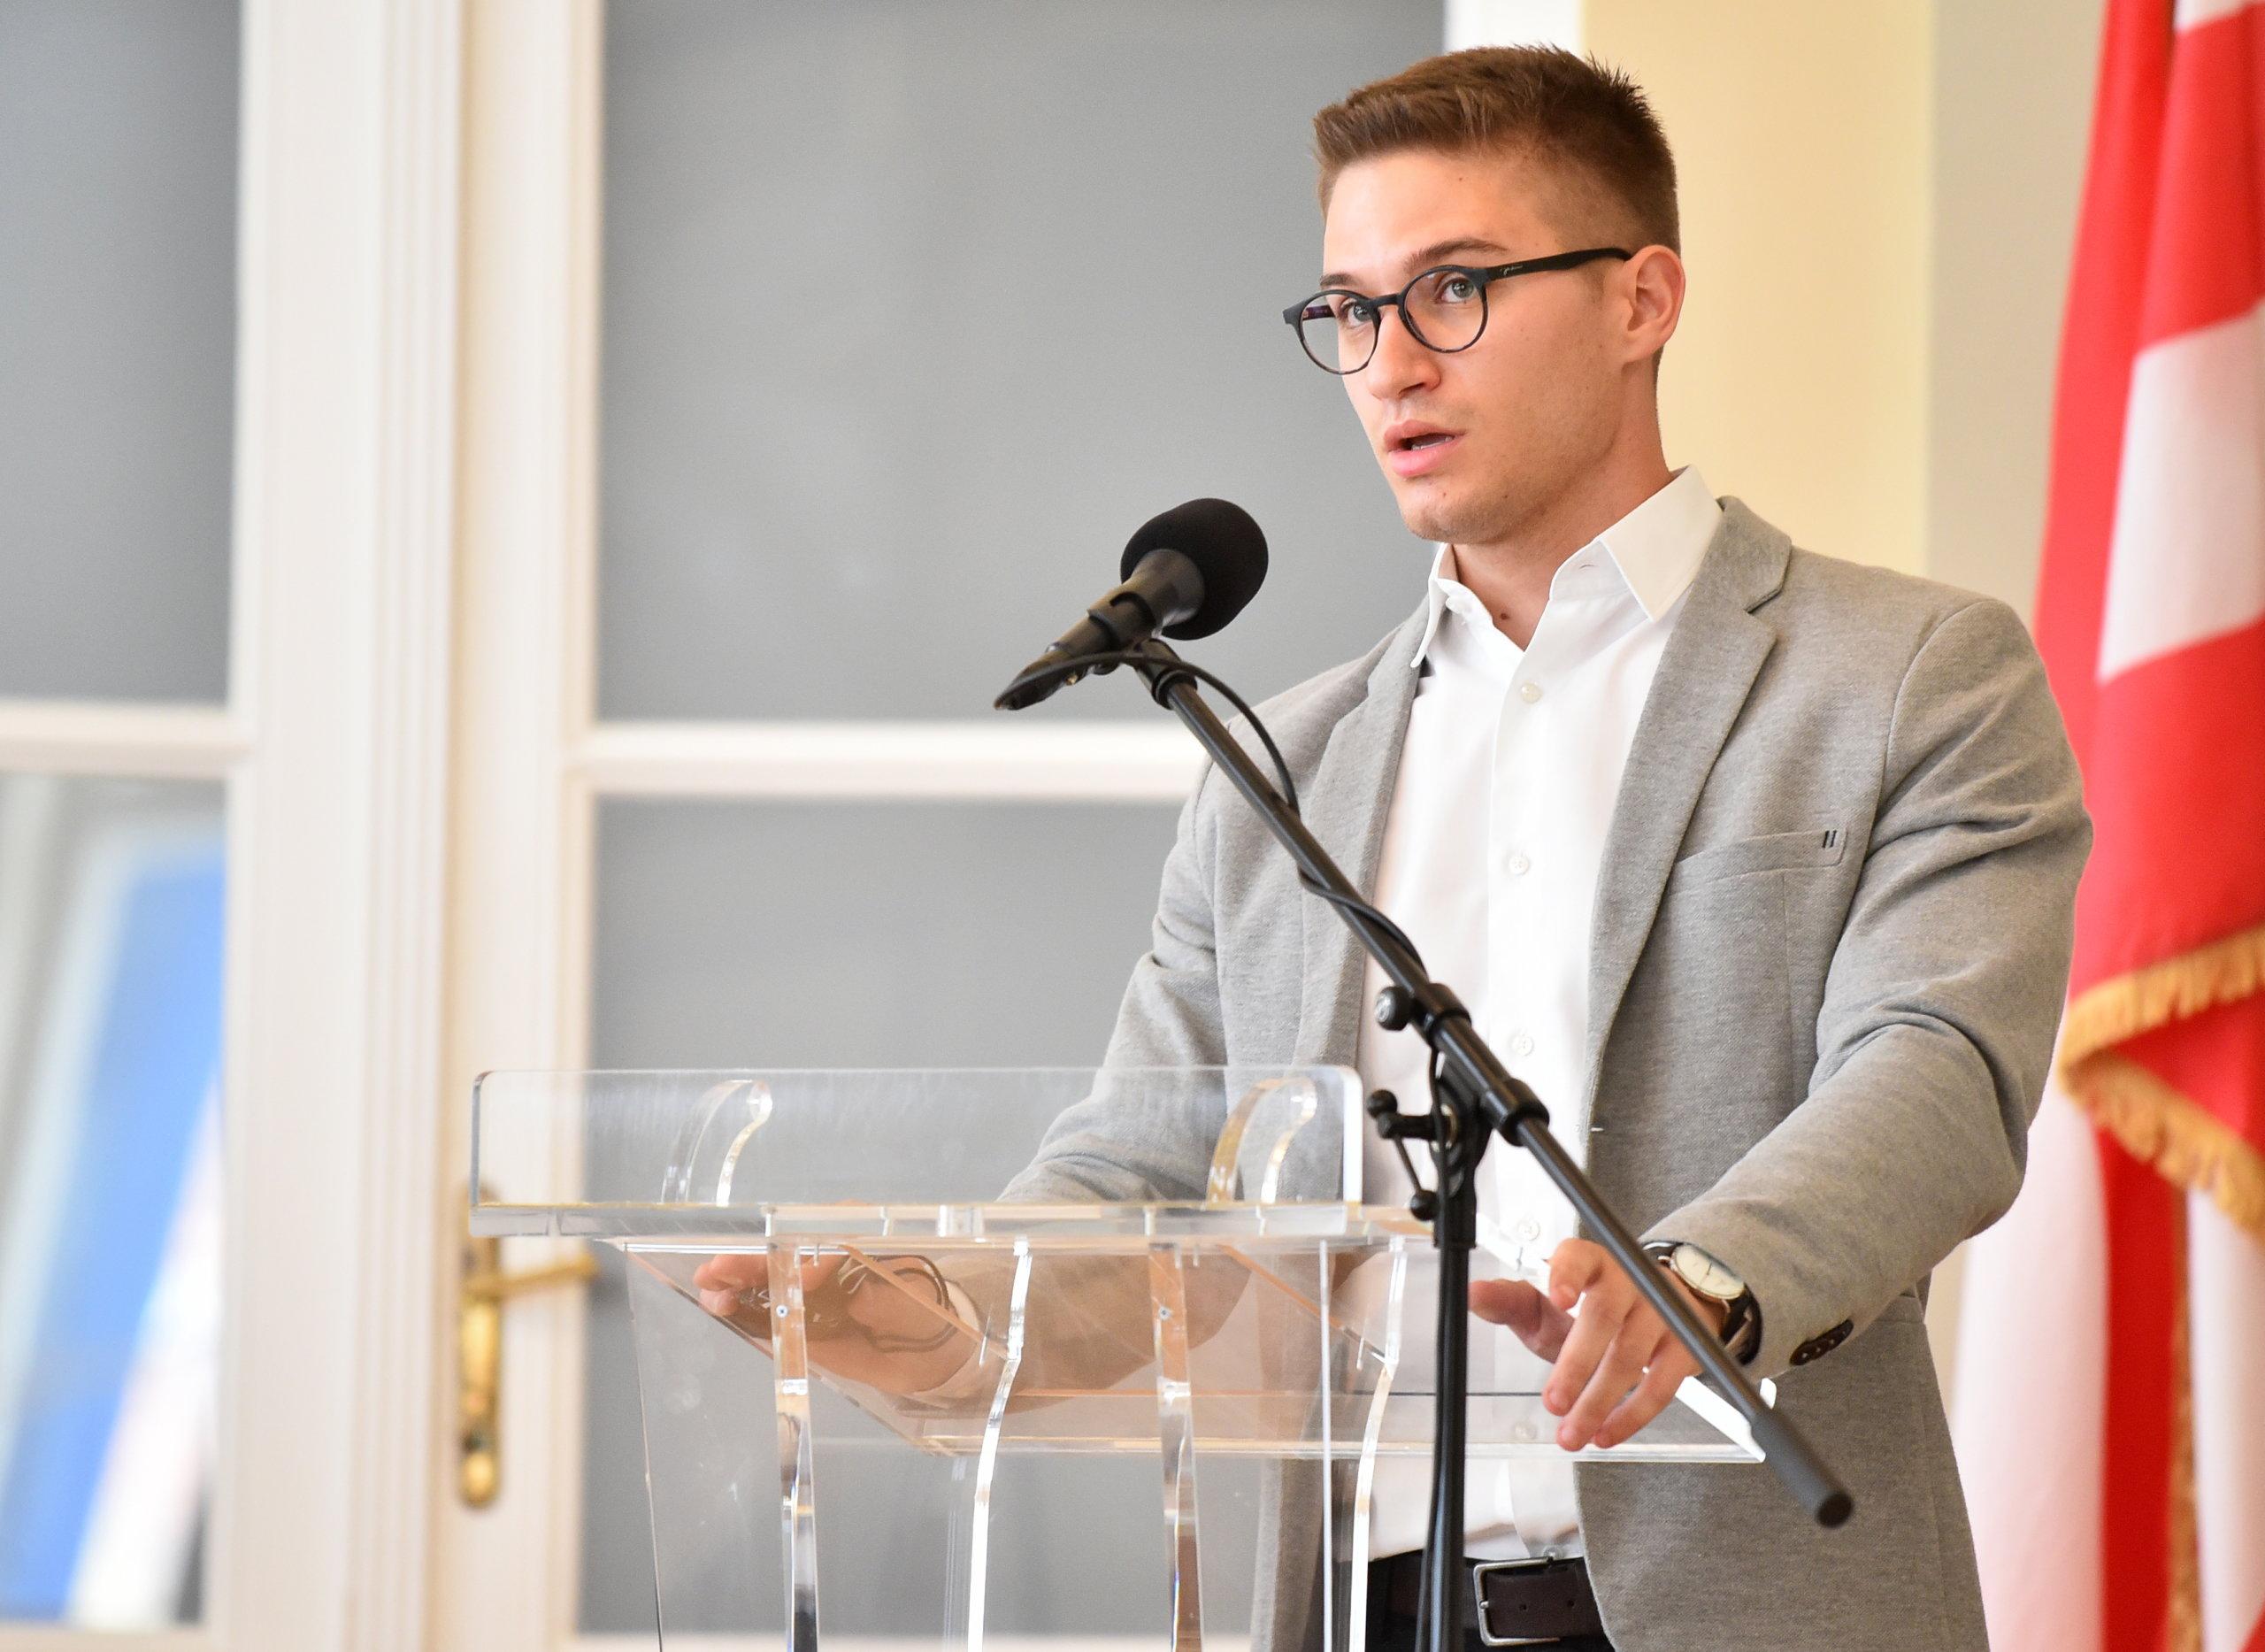 Hrvatski grad financirat će uloške za socijalno ugrožene učenice: 'Nadam se da će naš primjer slijediti i drugi'